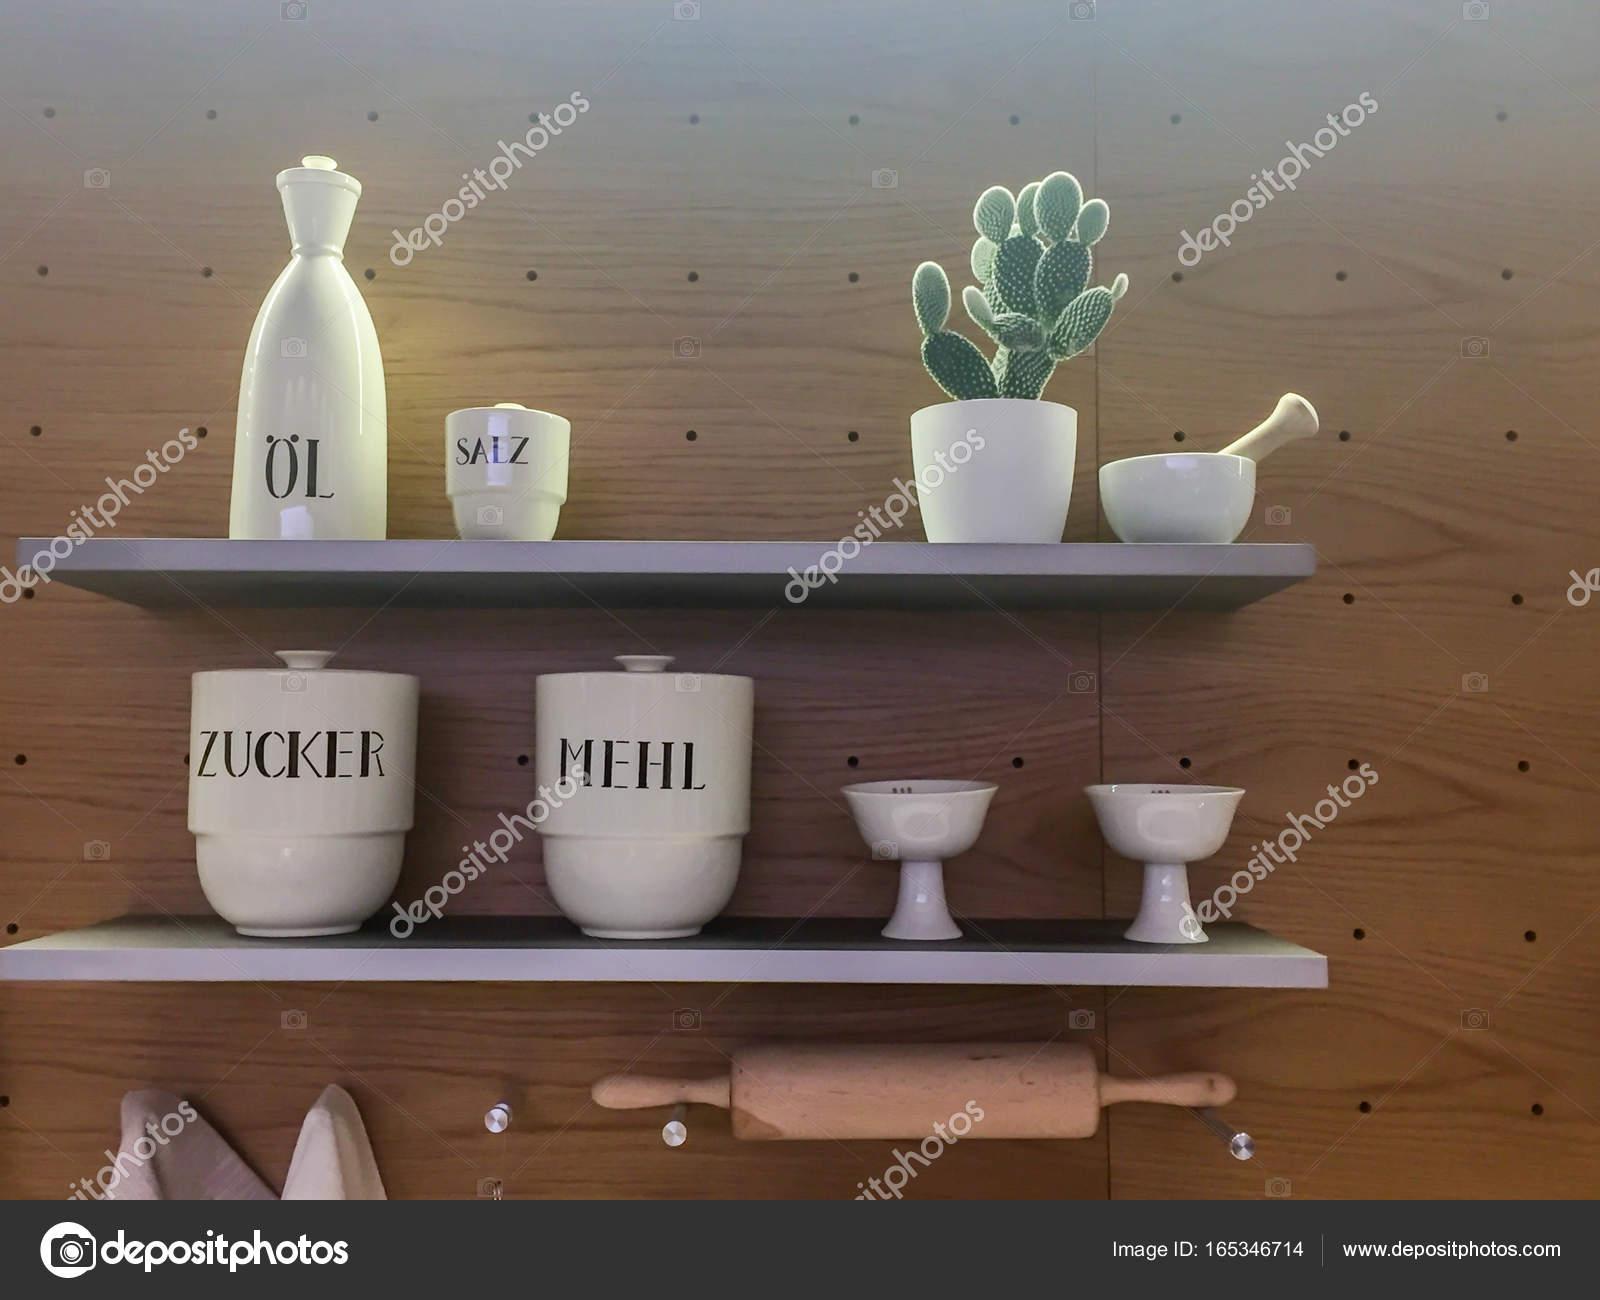 Küche Lagerung Porzellan Regal — Stockfoto © mail.hebstreit.com ...